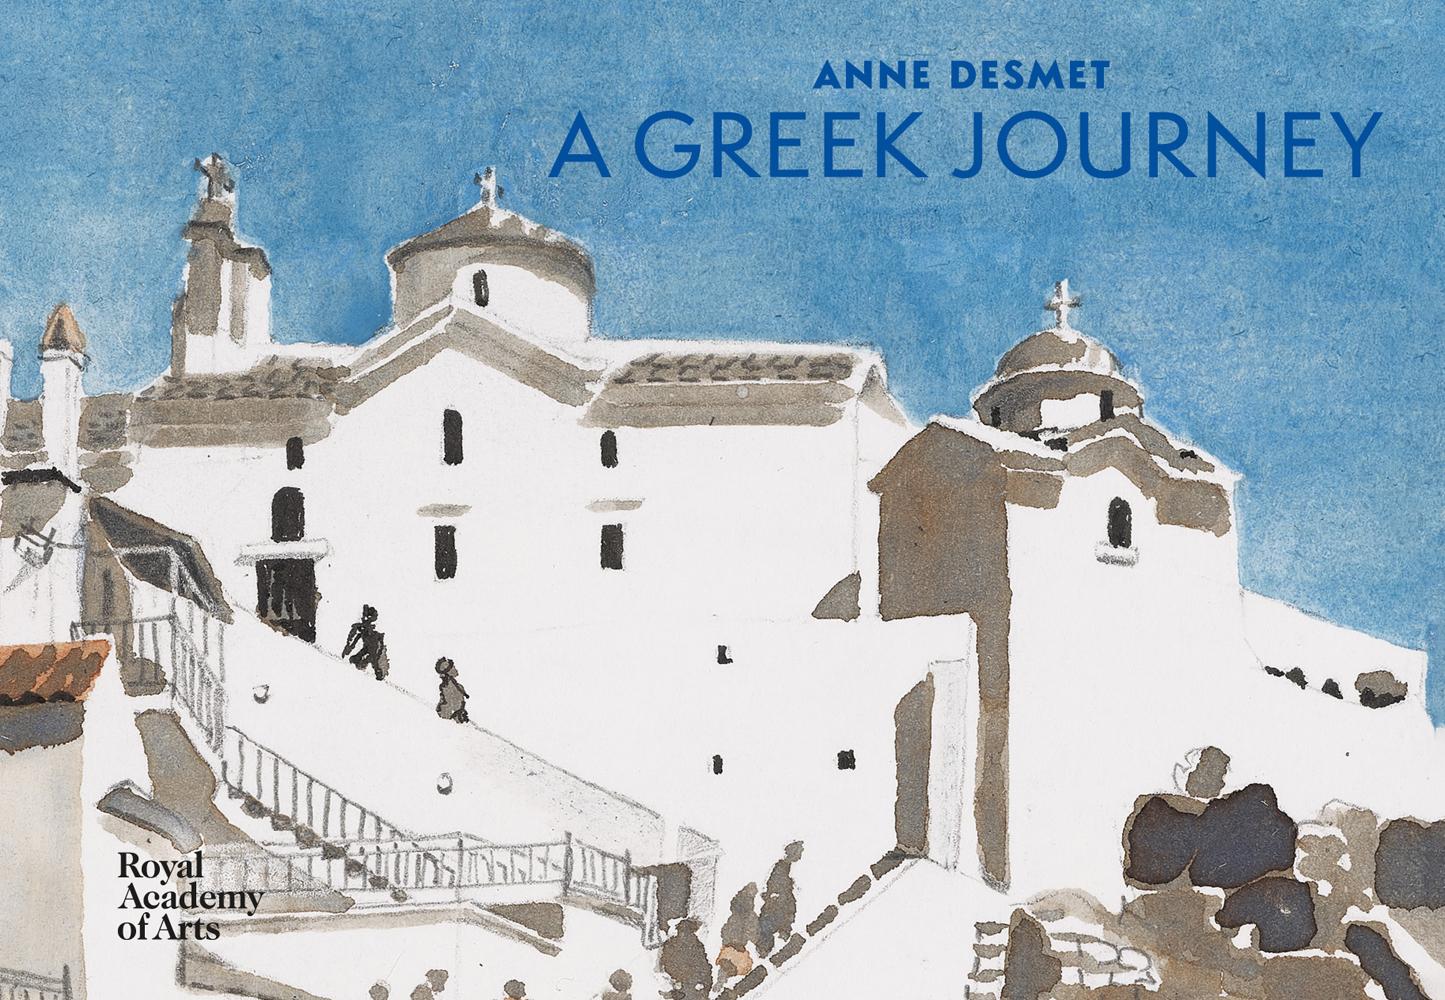 Anne Desmet